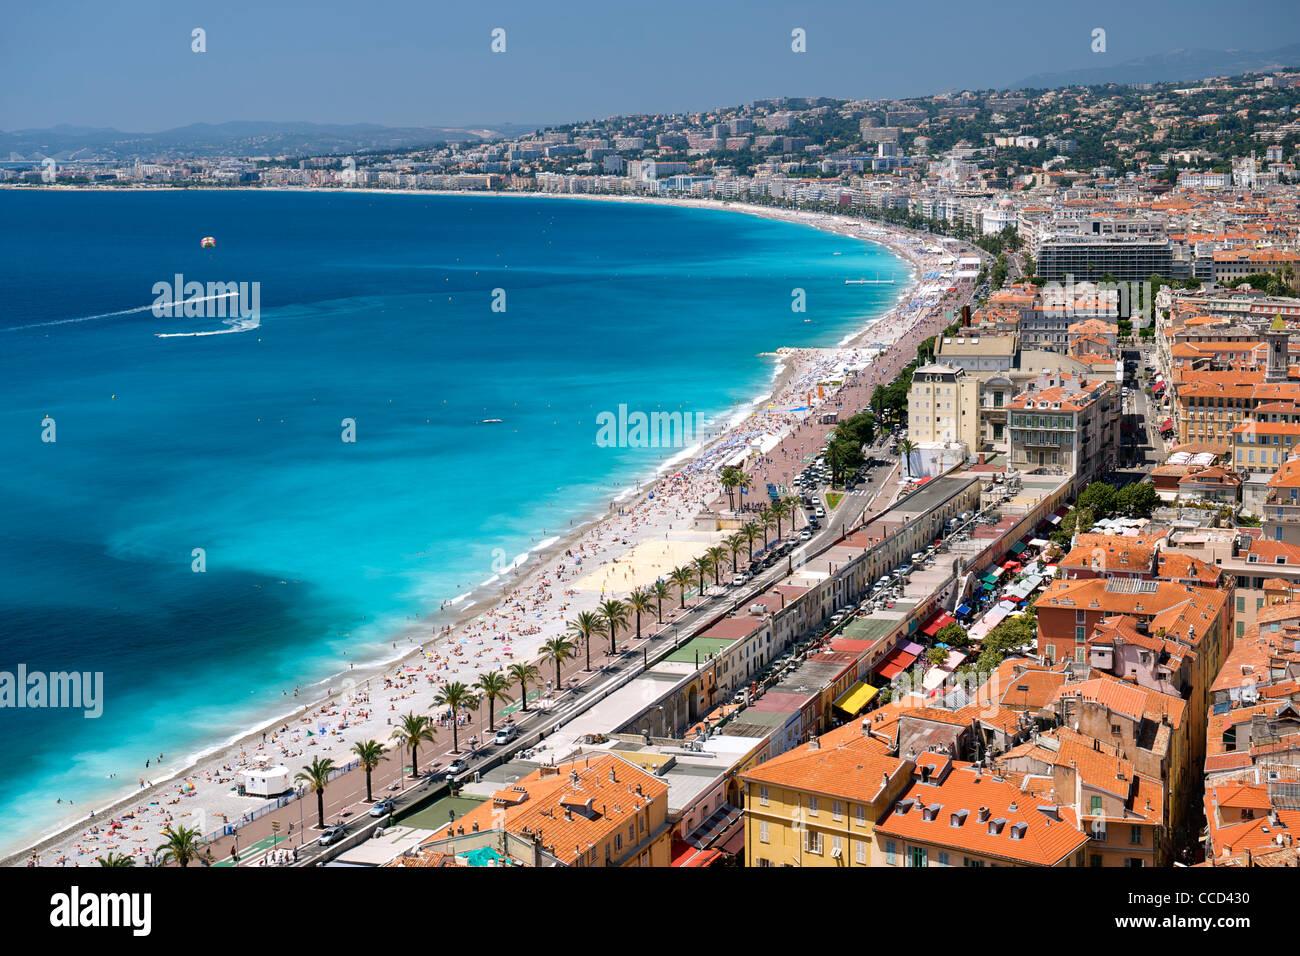 La Baie des Anges (Baia degli Angeli) e la città di Nizza sulla costa mediterranea nel sud della Francia. Immagini Stock